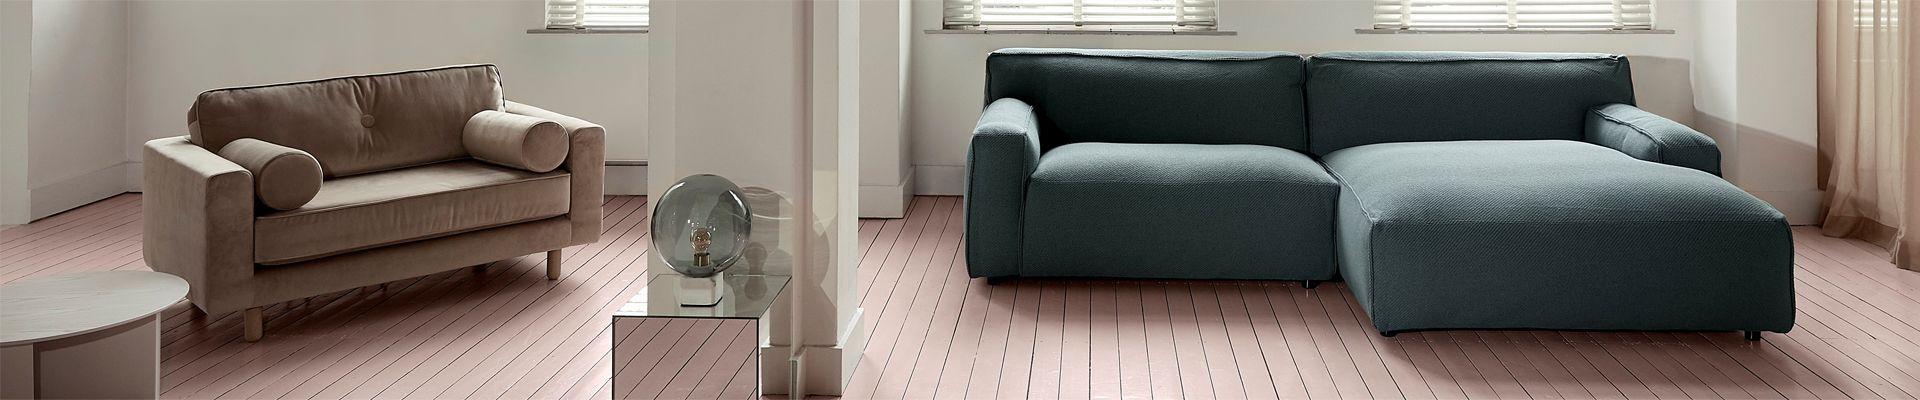 FÉST stoelen